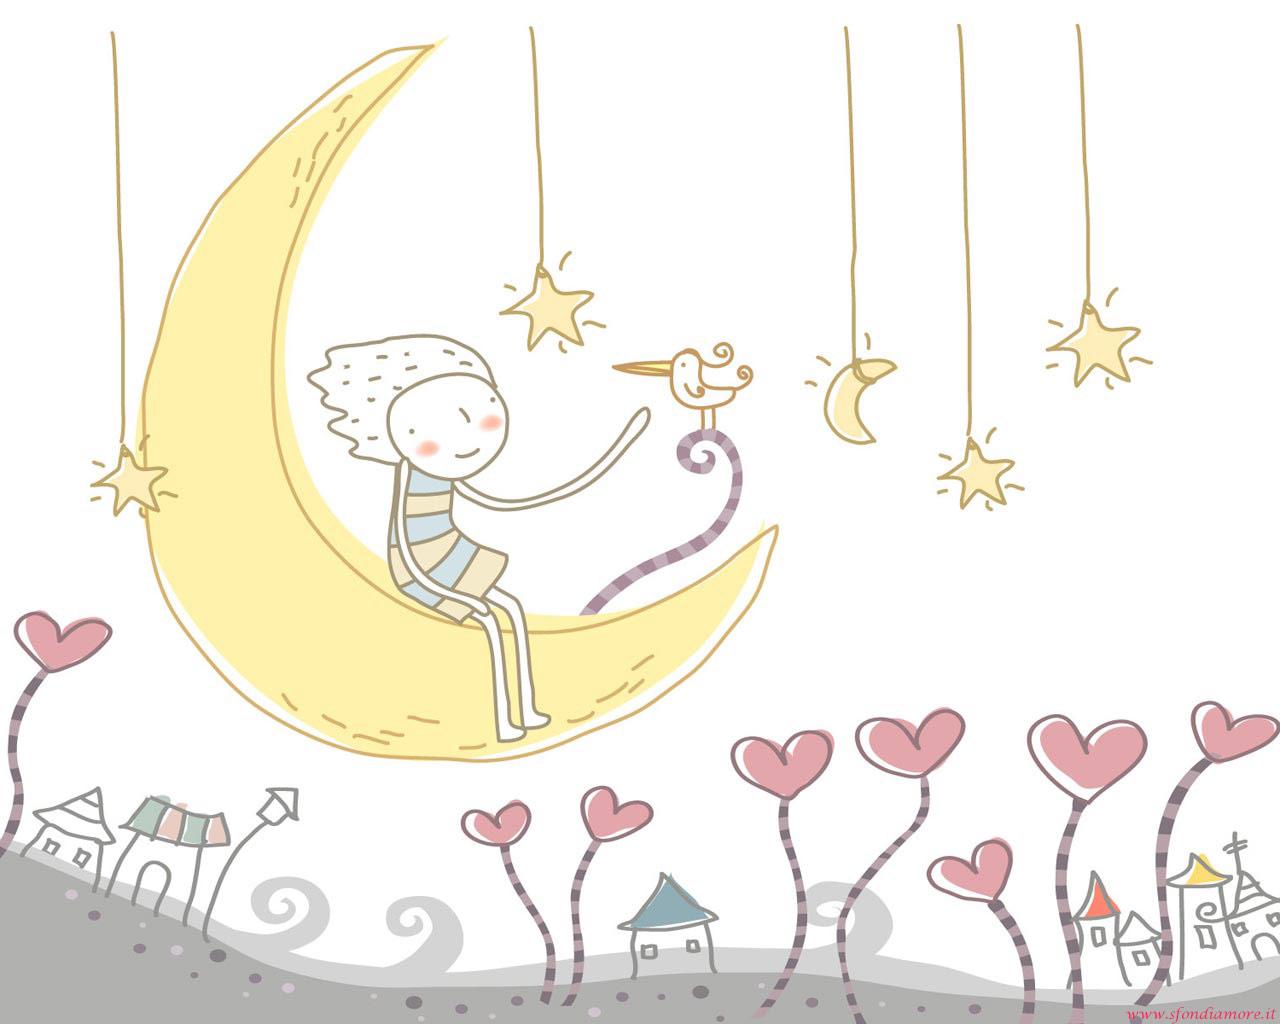 Sfondi amore sogno